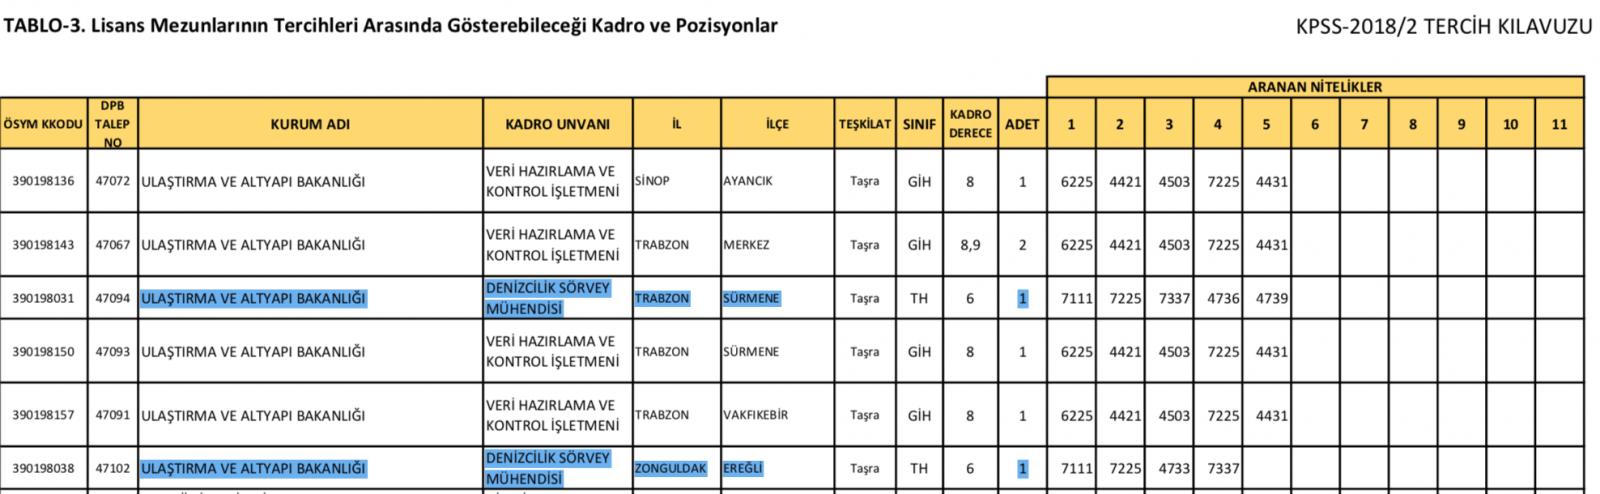 gundem - Gemicilik KPSS 1 - KPSS Güvertecileri Üzdü